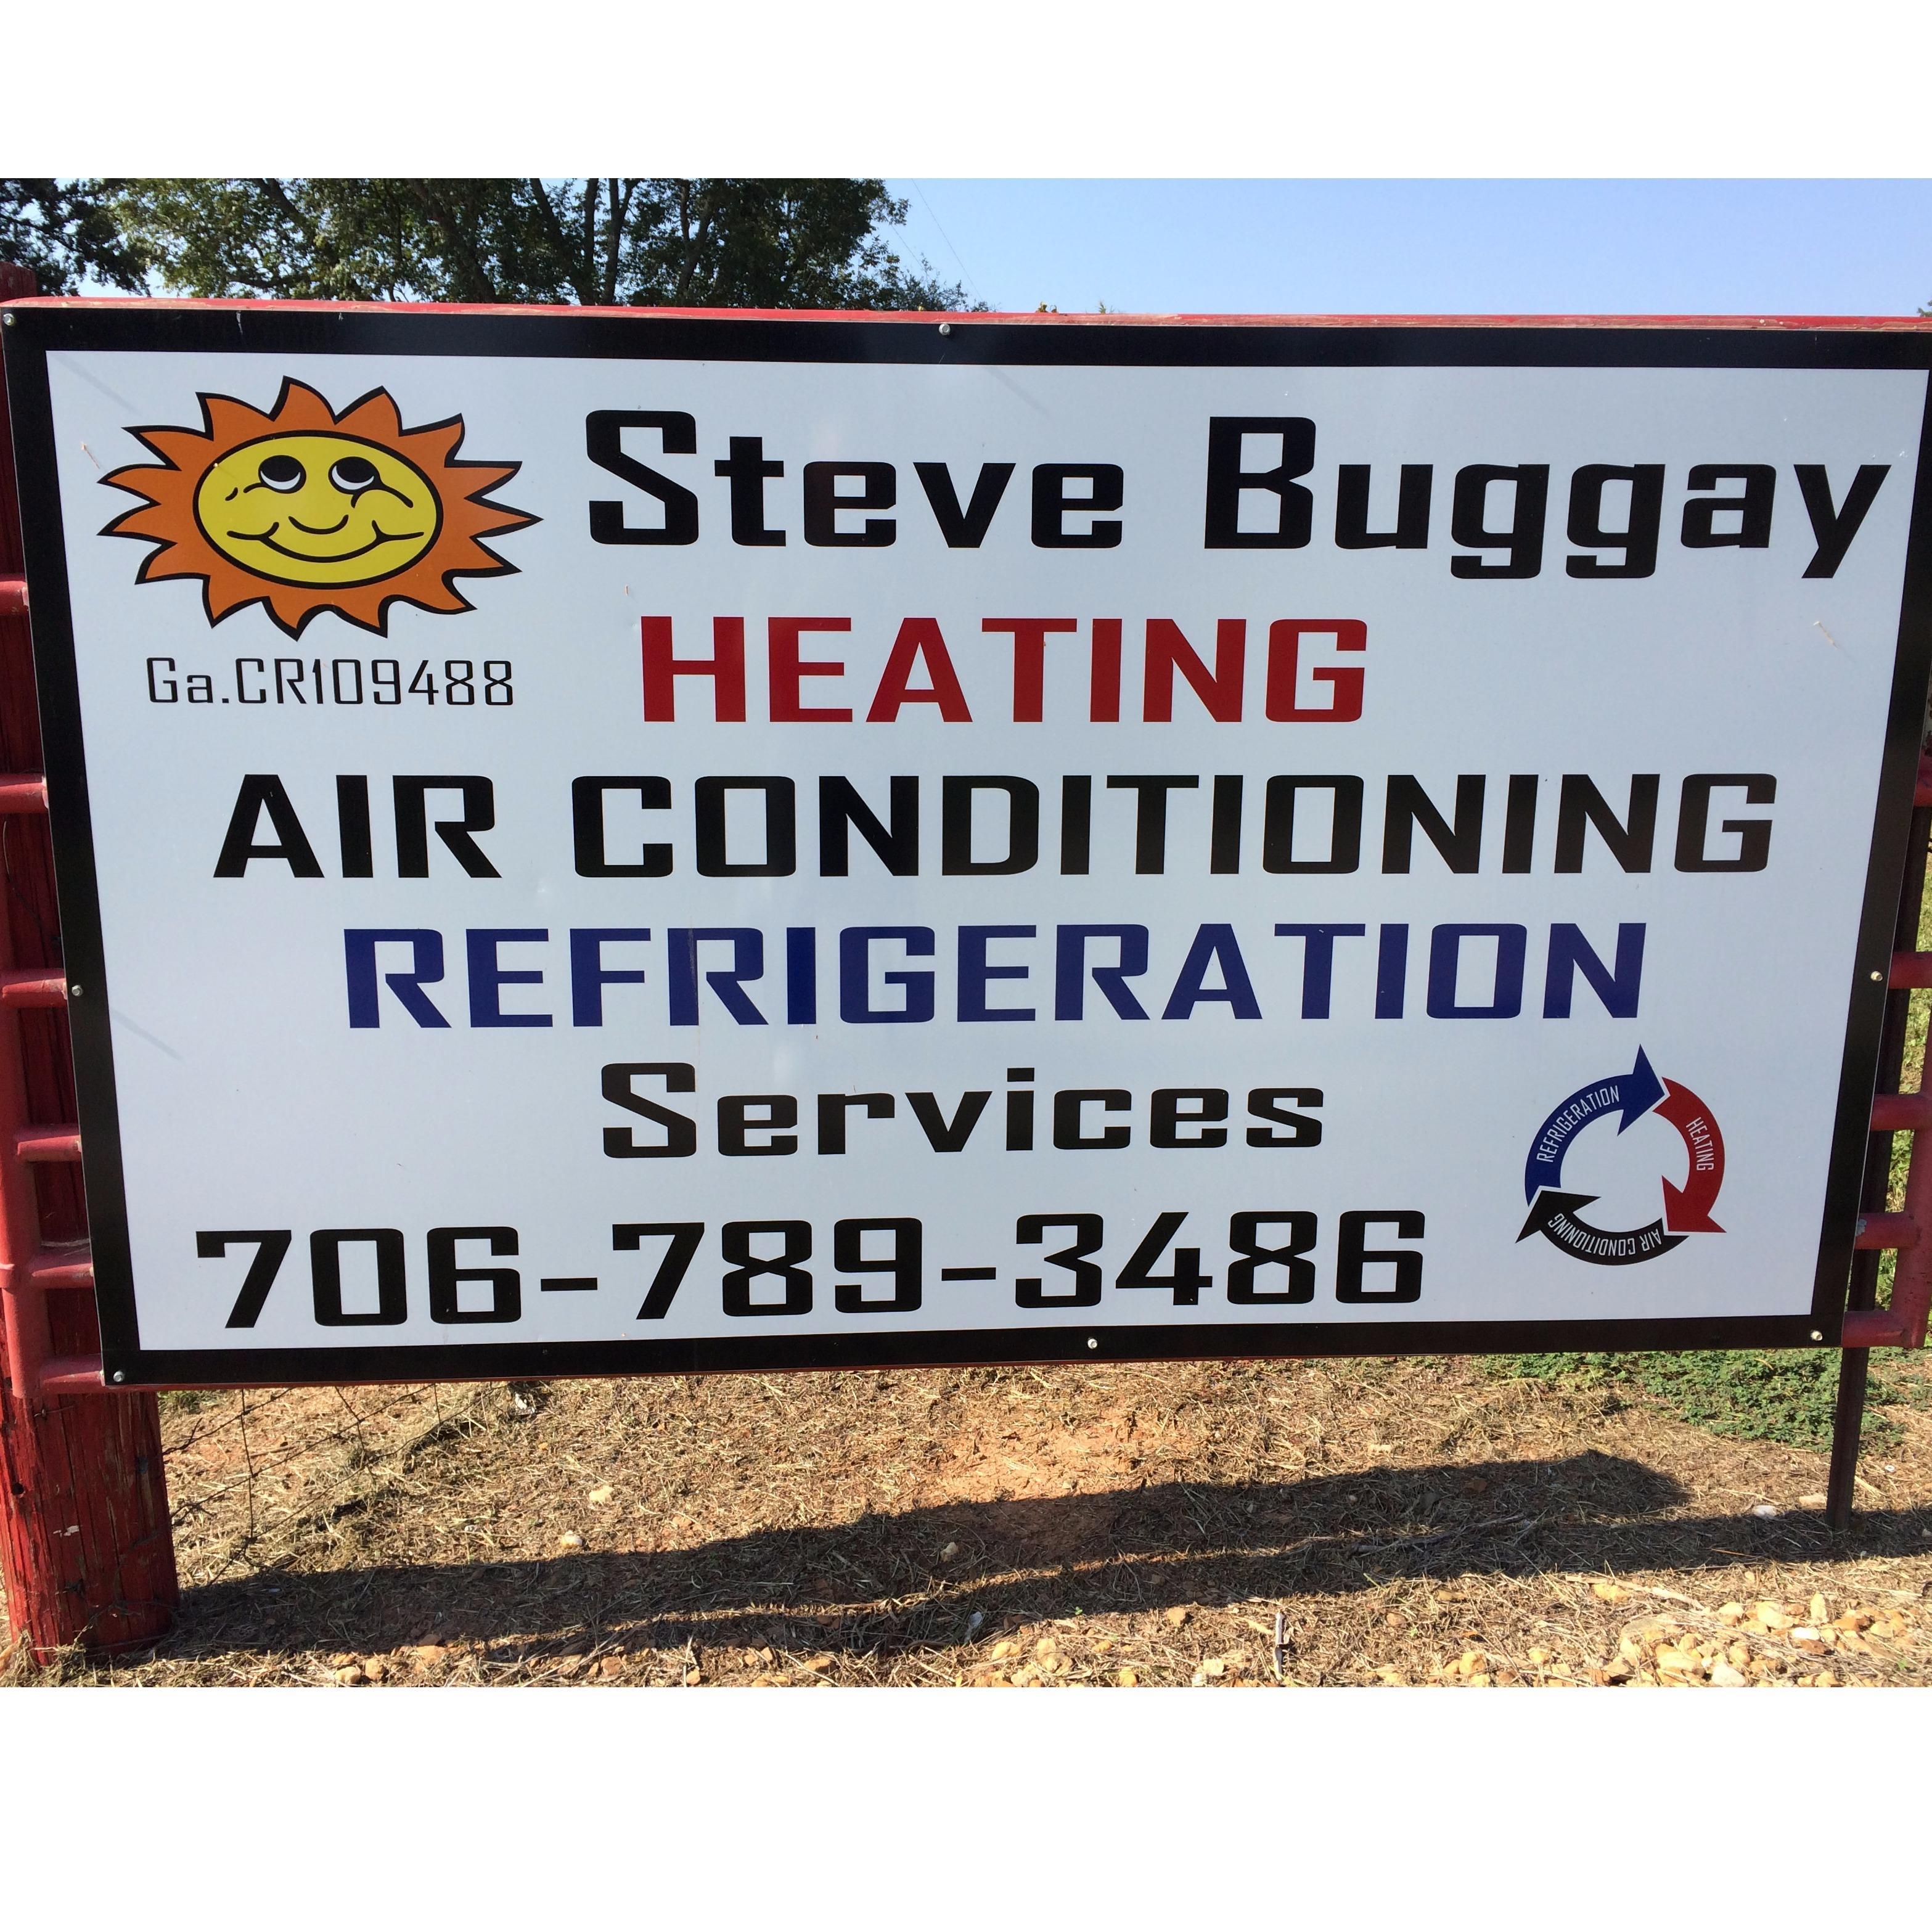 Steve Buggay Heating & Air Condtioning Refrigeration image 2